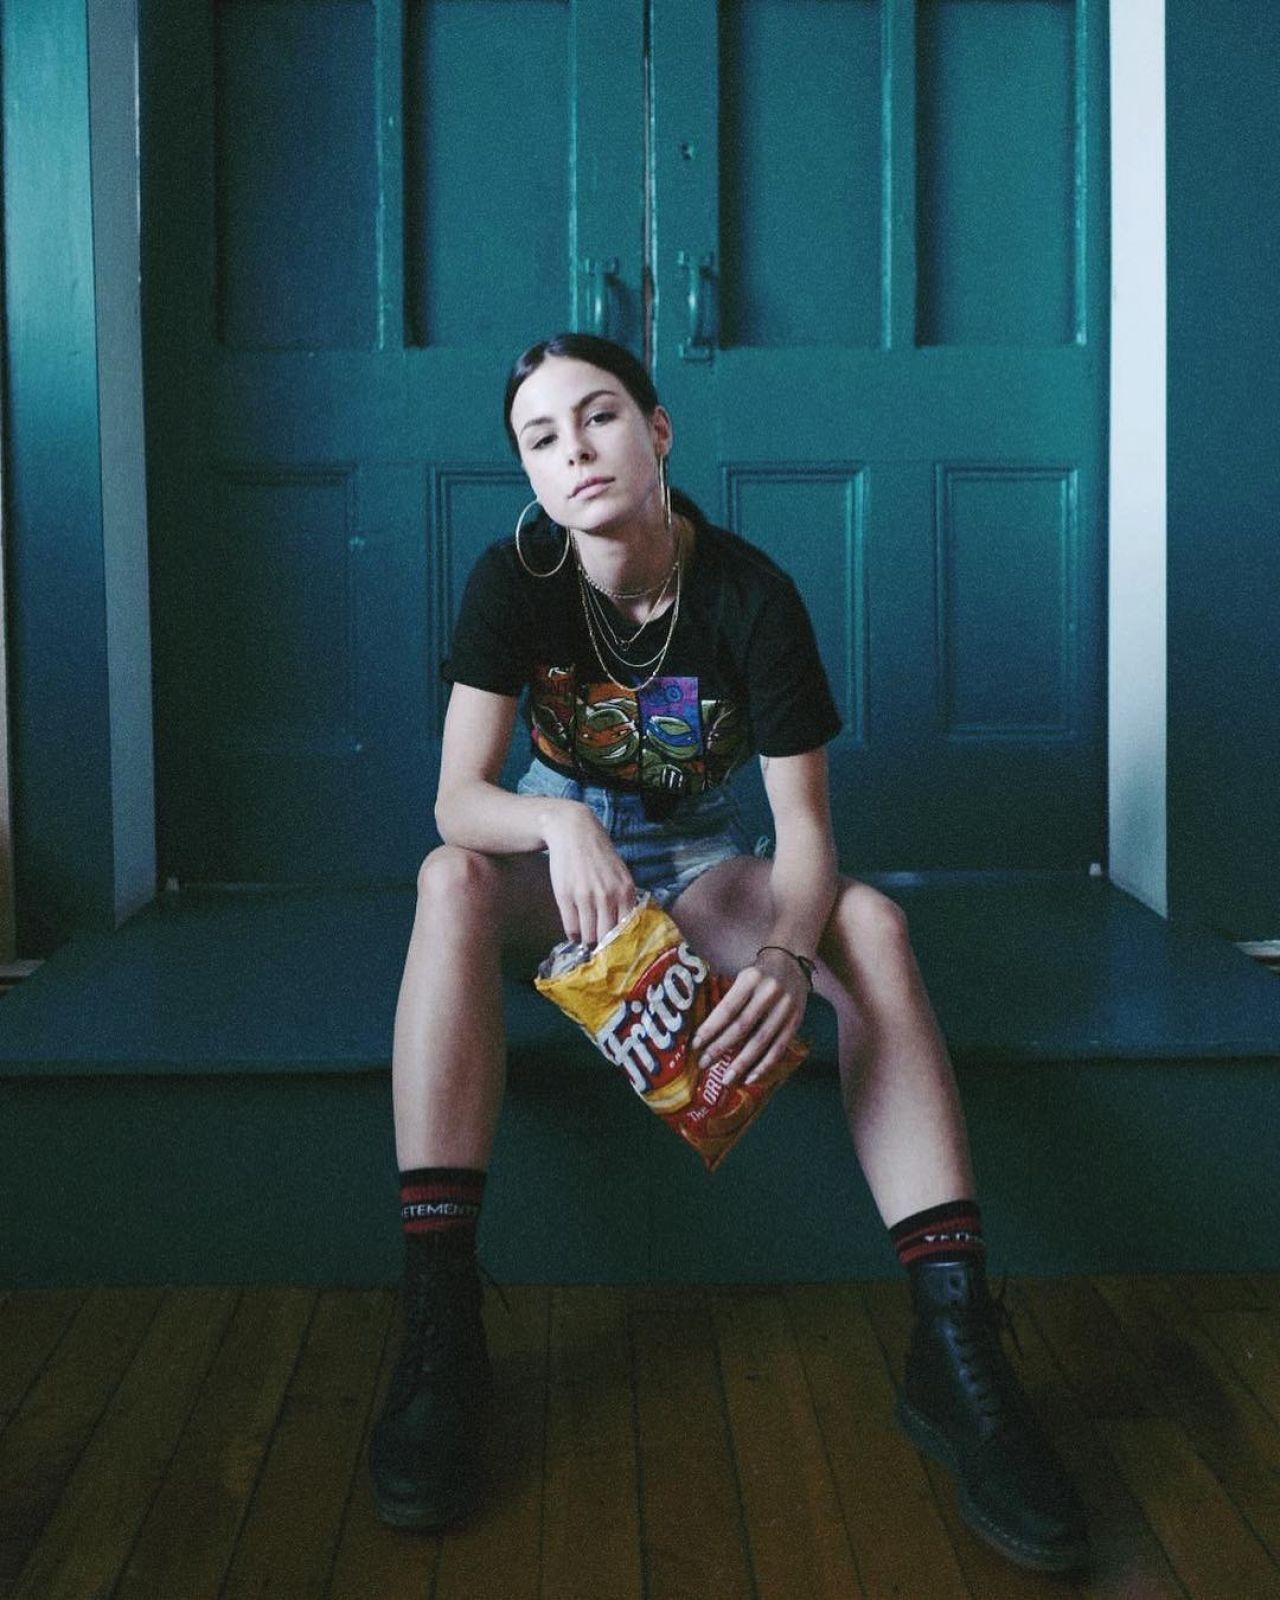 Lena Meyer-Landrut - Social Media Pics 09/05/2017